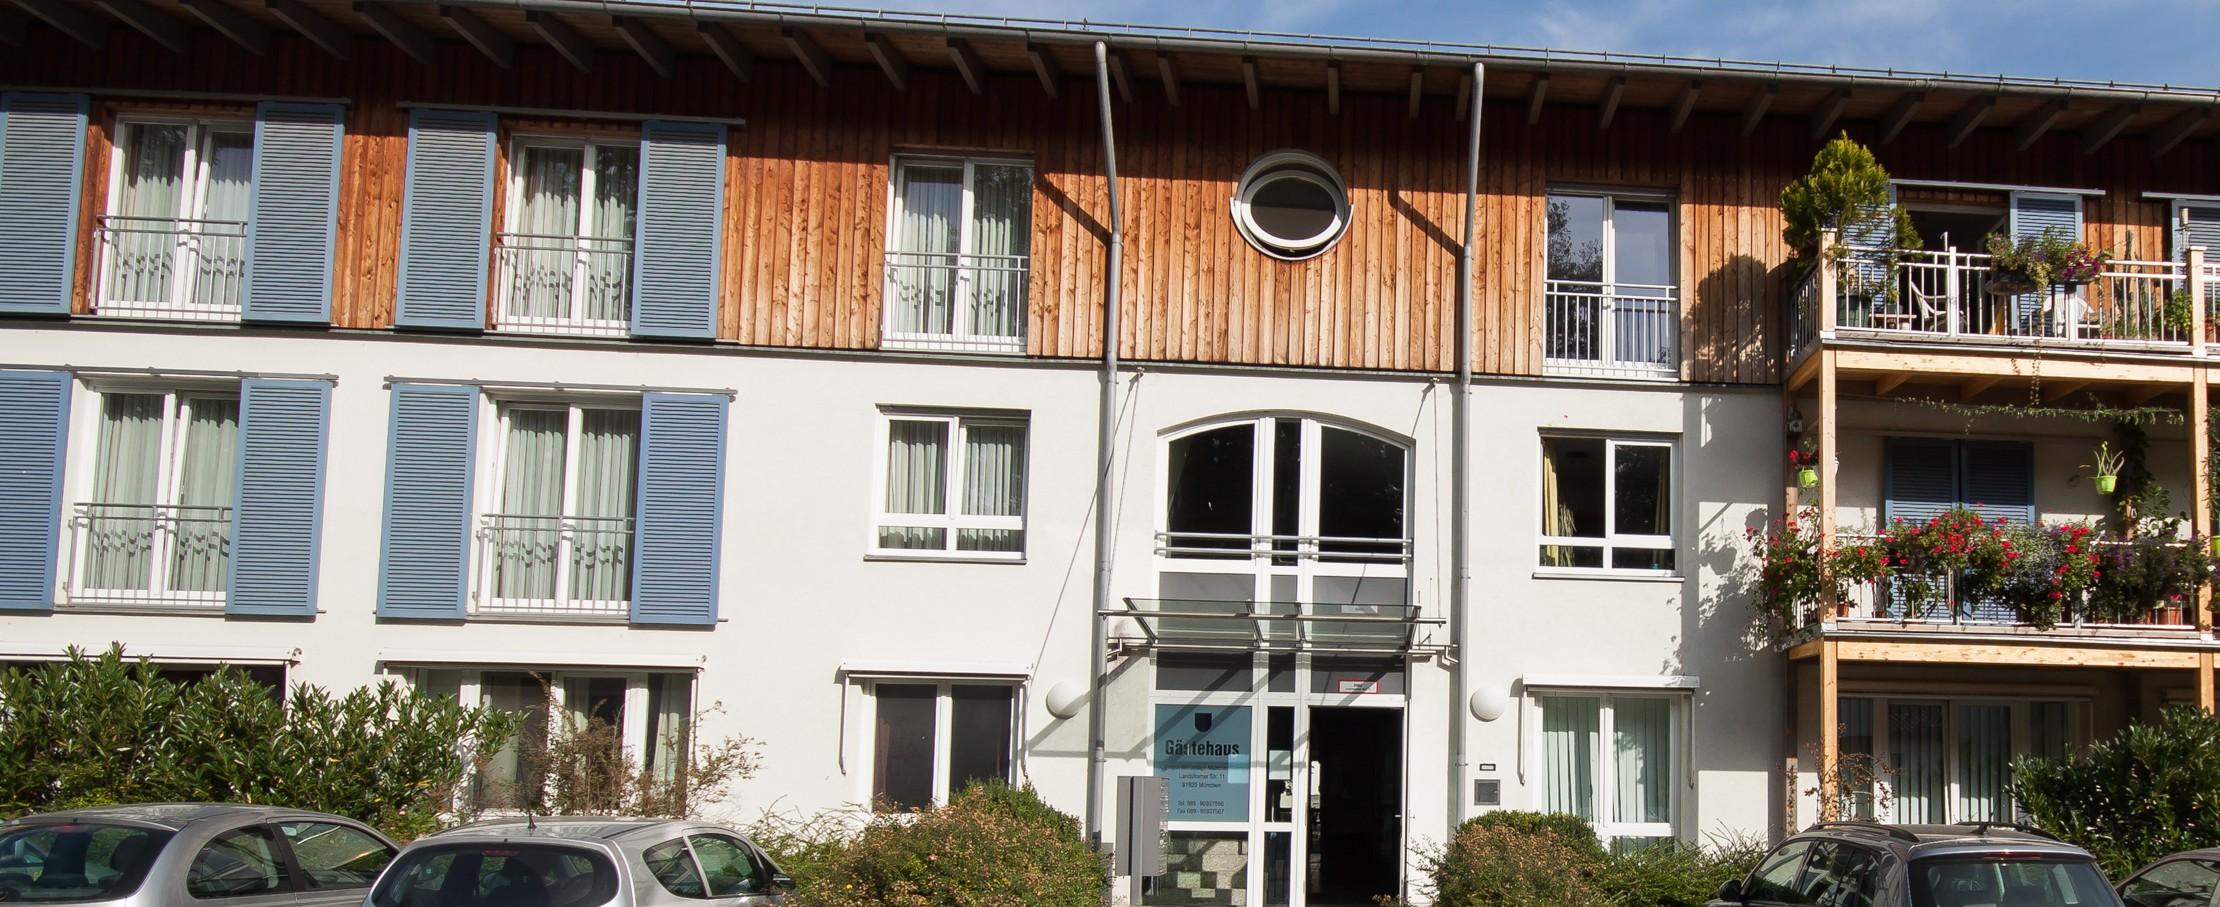 GästehausRiem-Petra-Hapke_003